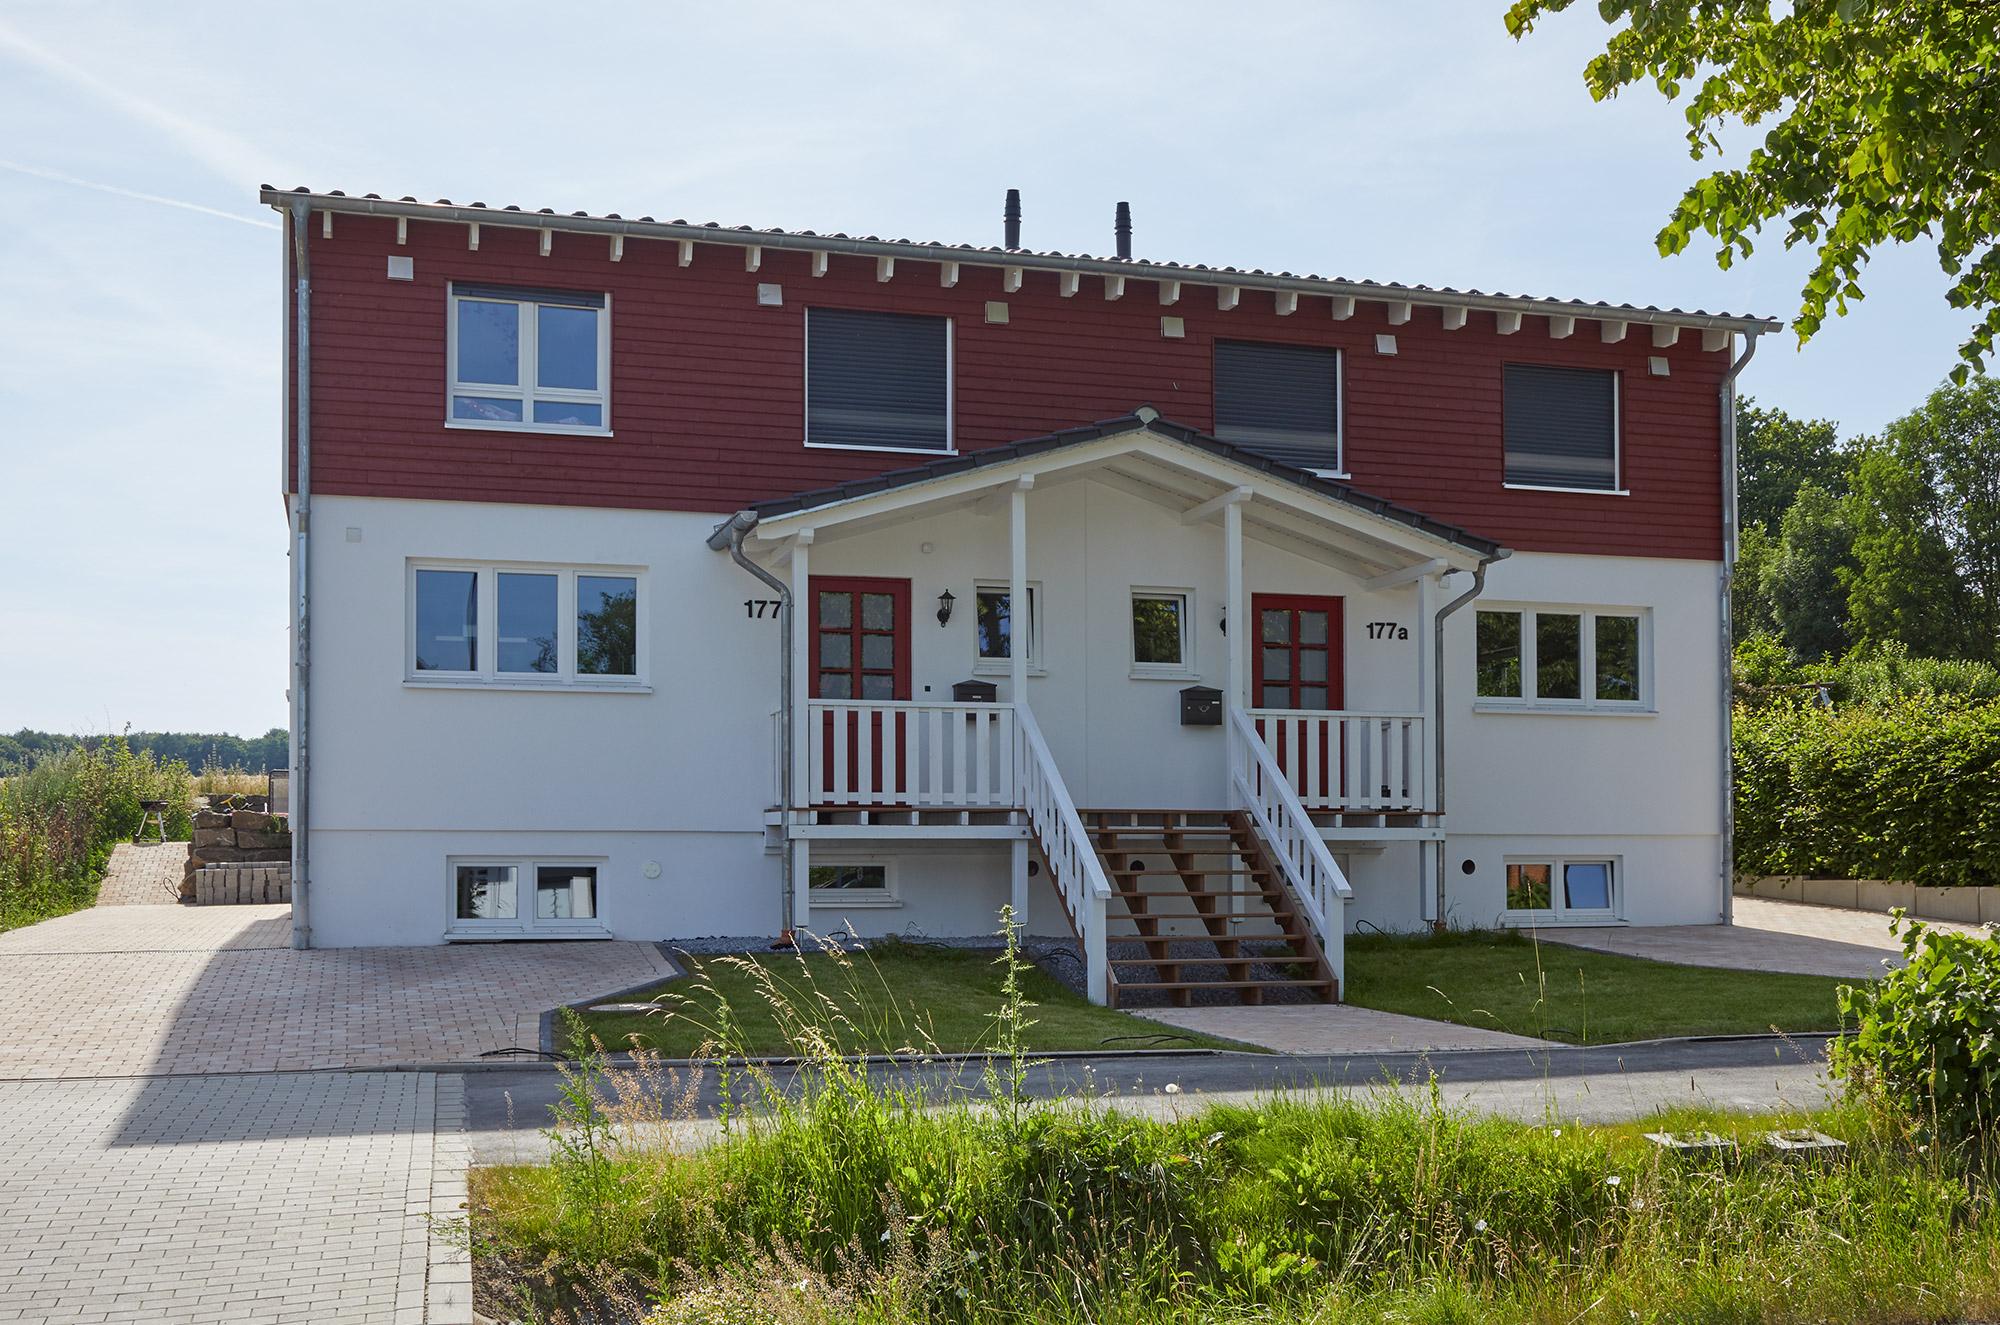 Roreger_Mehrfamilienhaus_2_2